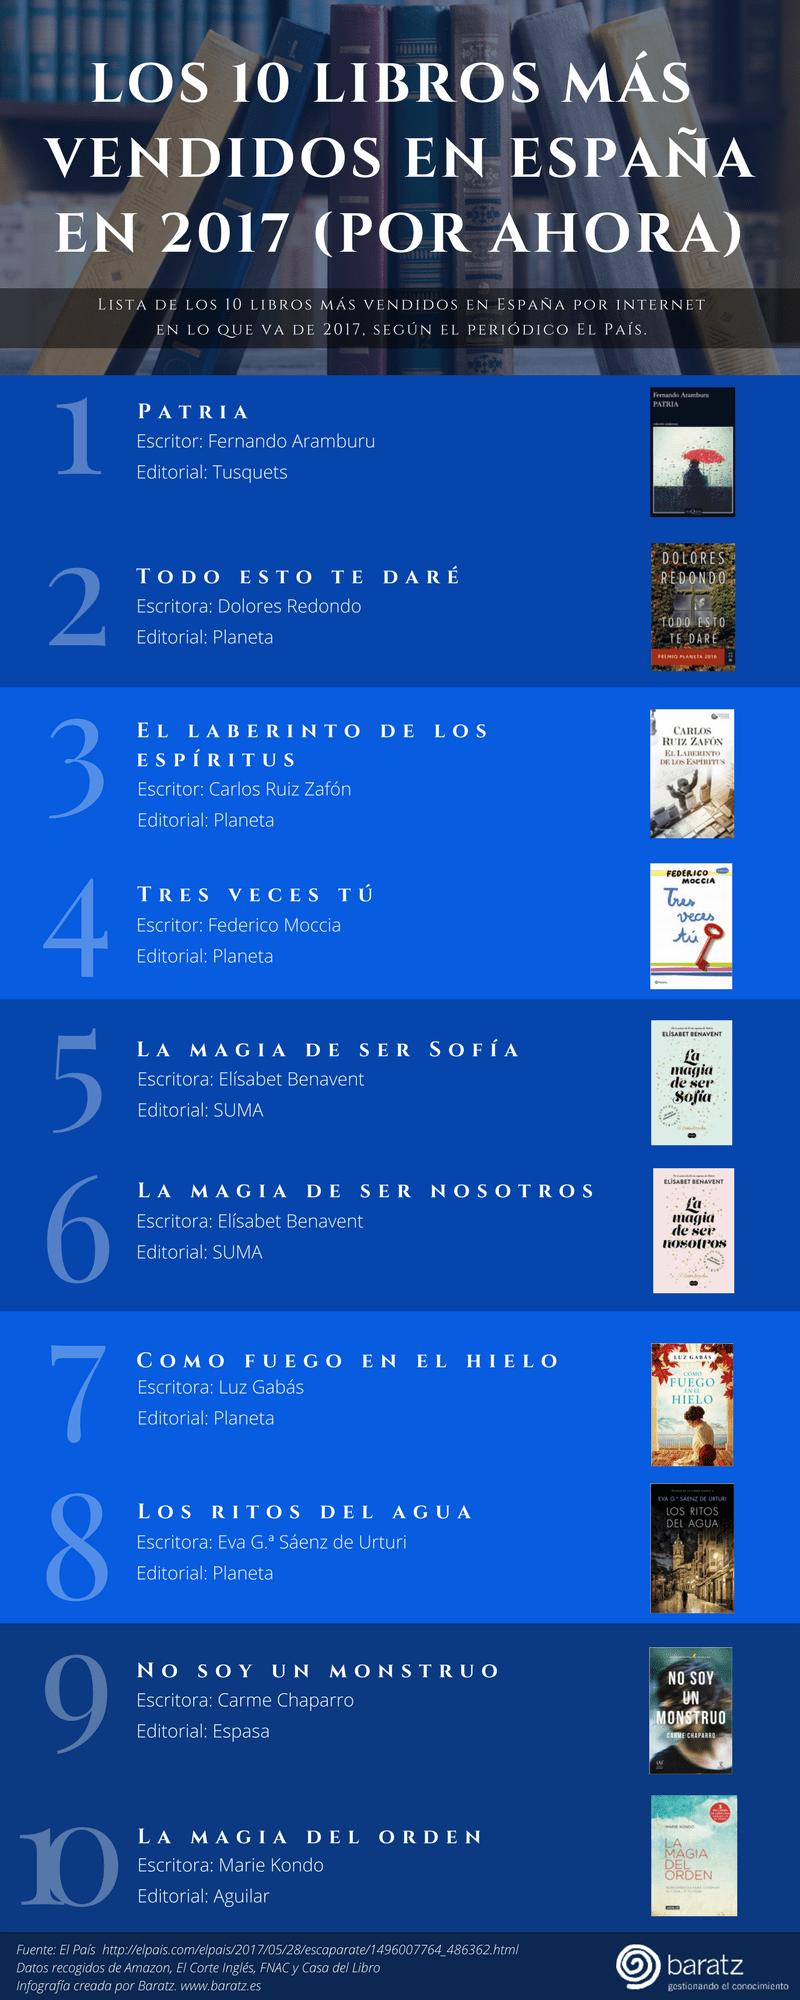 Los 10 libros más vendidos en España en 2017 (por ahora)